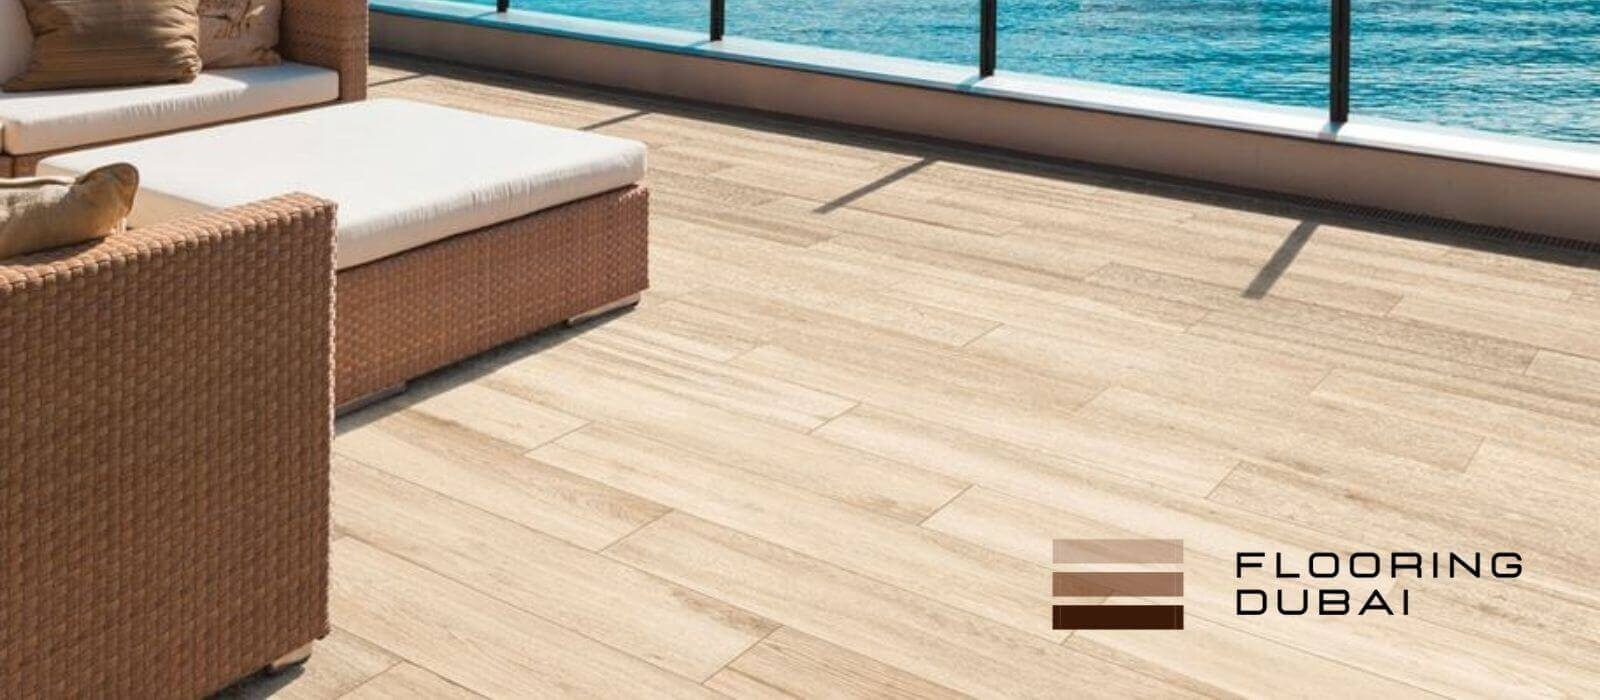 Outdoor Flooring Slide Image